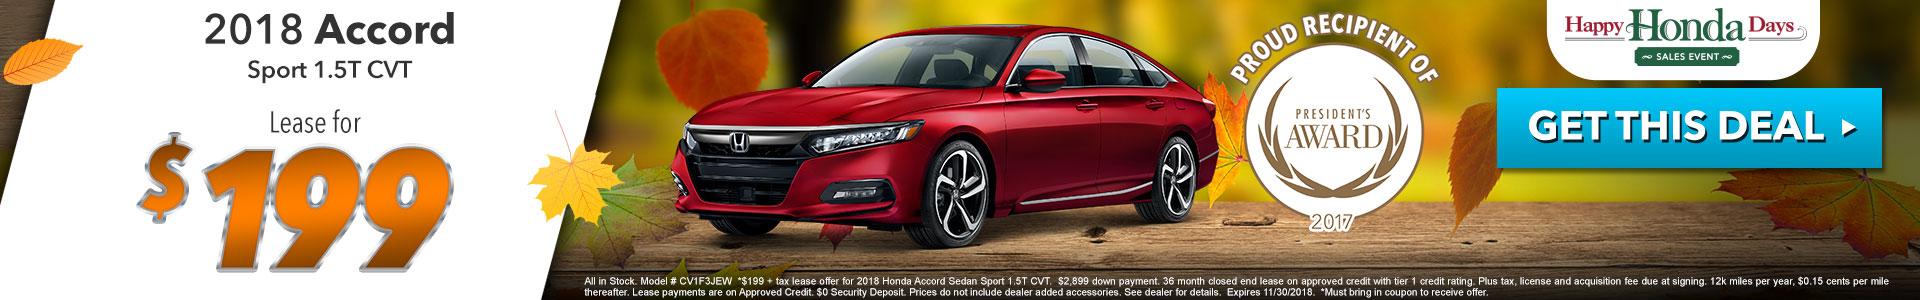 Honda Accord Sedan Sport $199 Lease